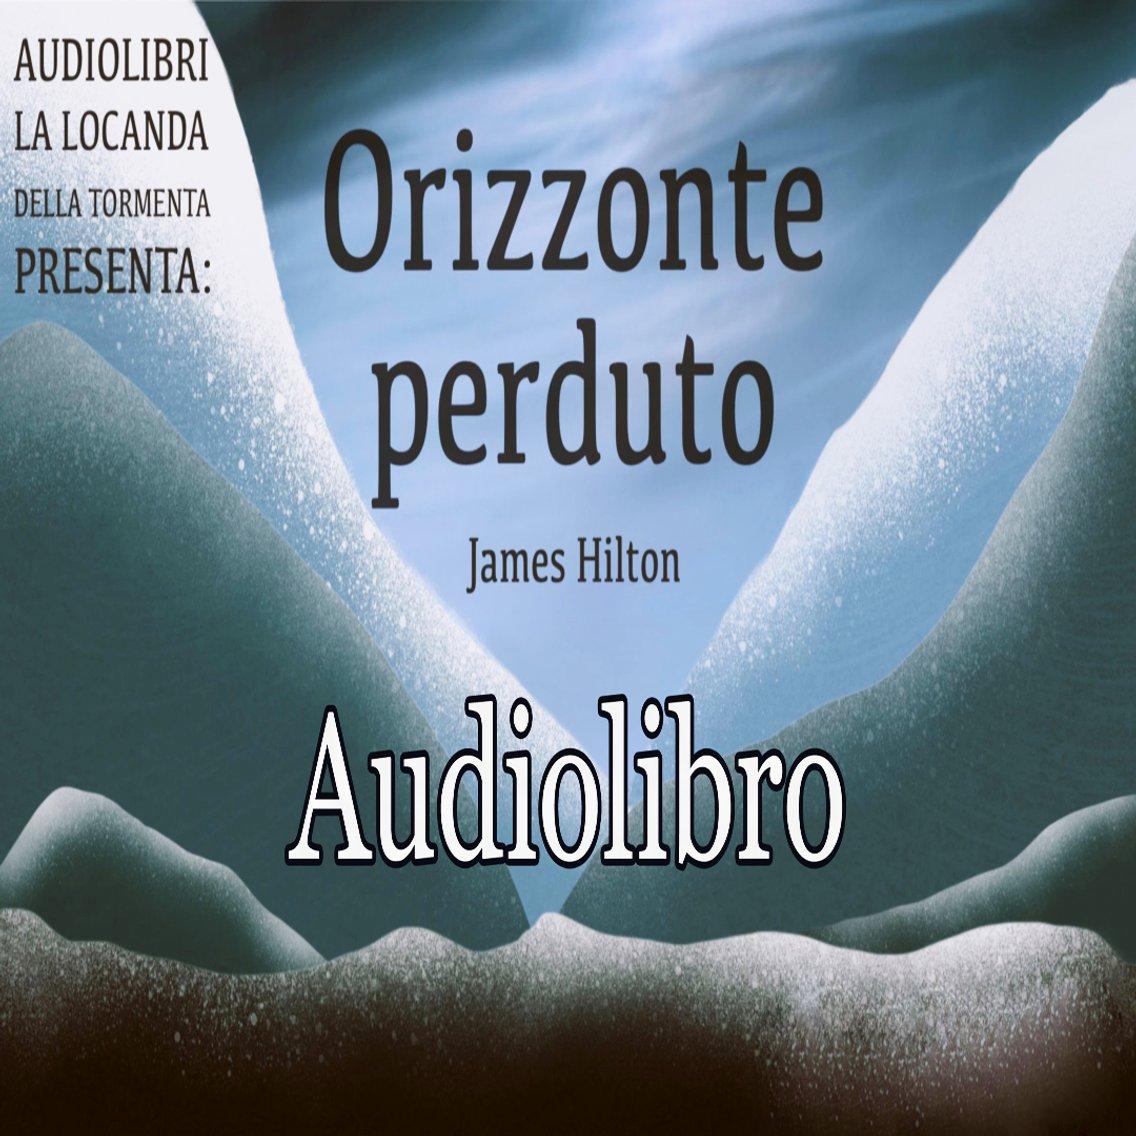 Audiolibro Orizzonte Perduto - J. Hilton - immagine di copertina